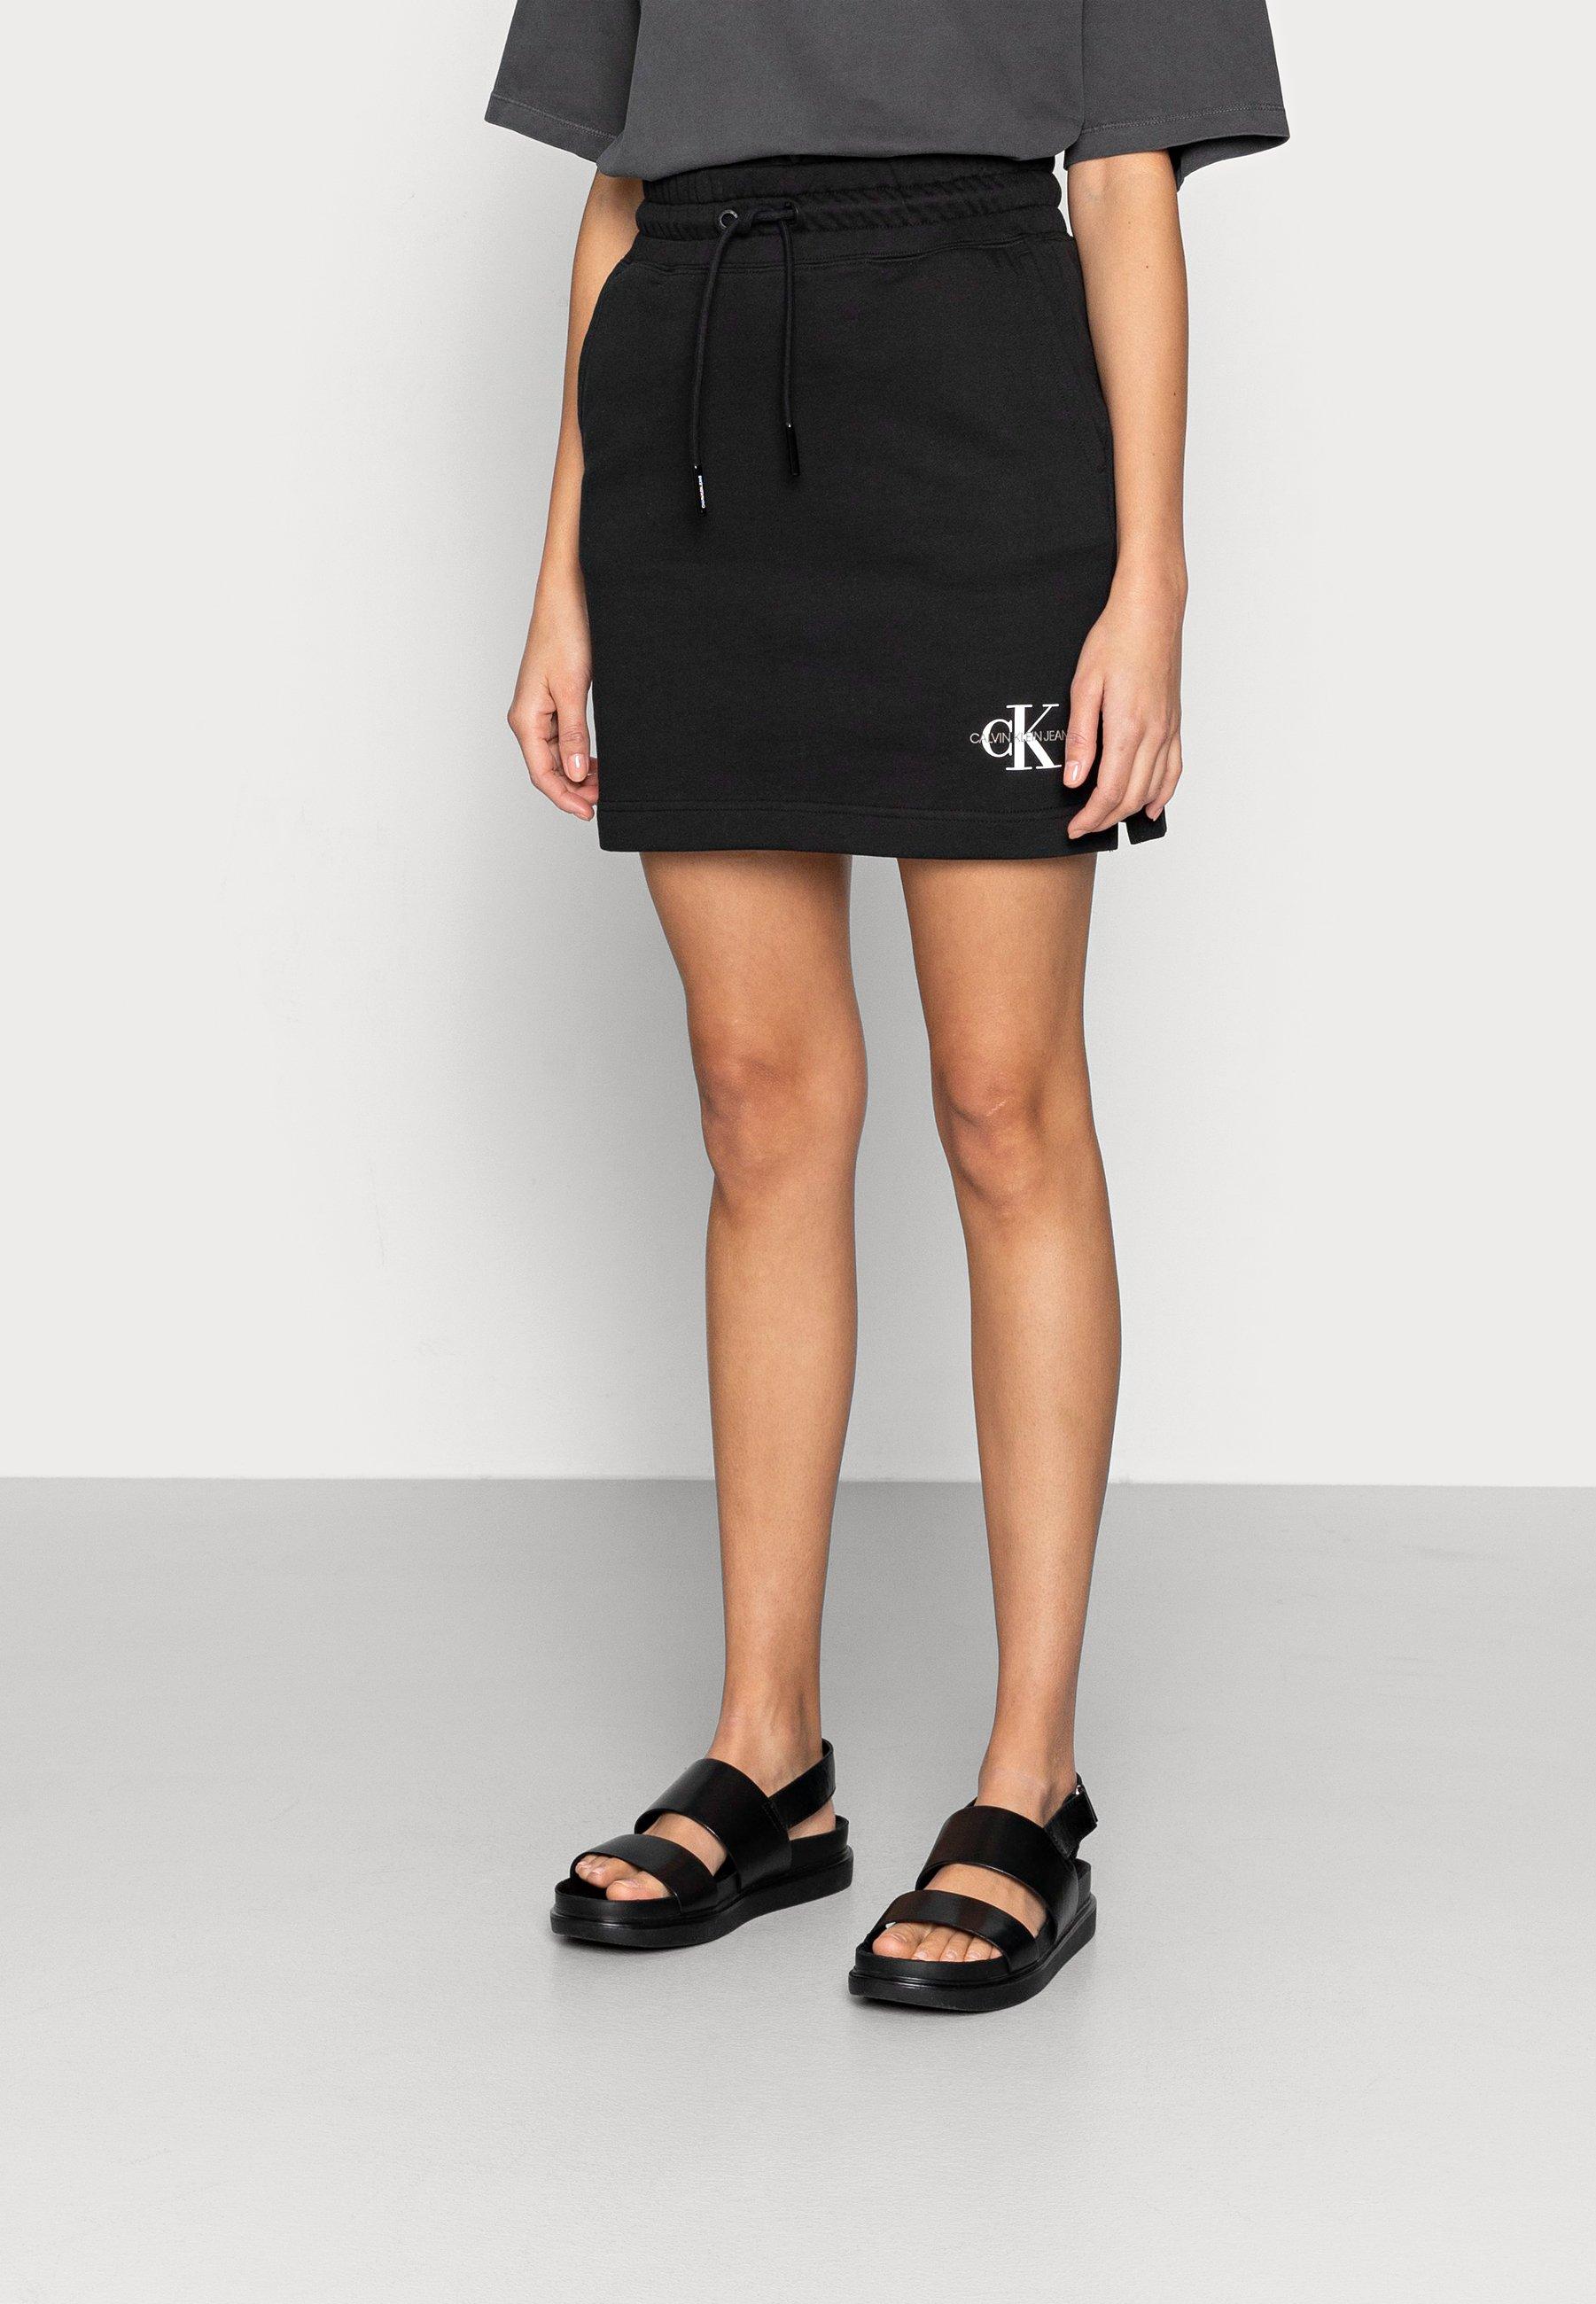 Femme MONOGRAM HEAVYWEIGHT SKIRT - Minijupe